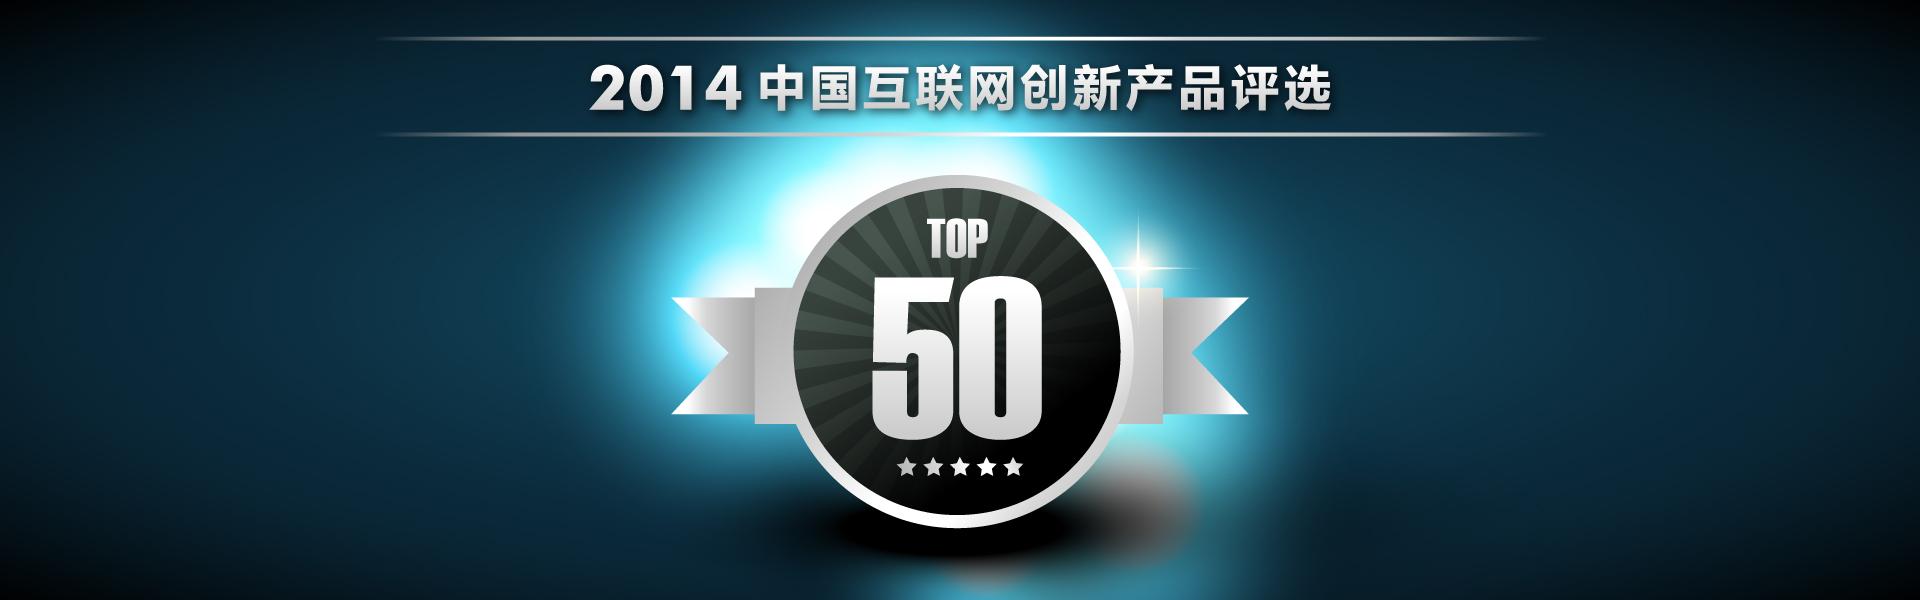 2014中国互联网创新产品评选 Top 50 揭晓!